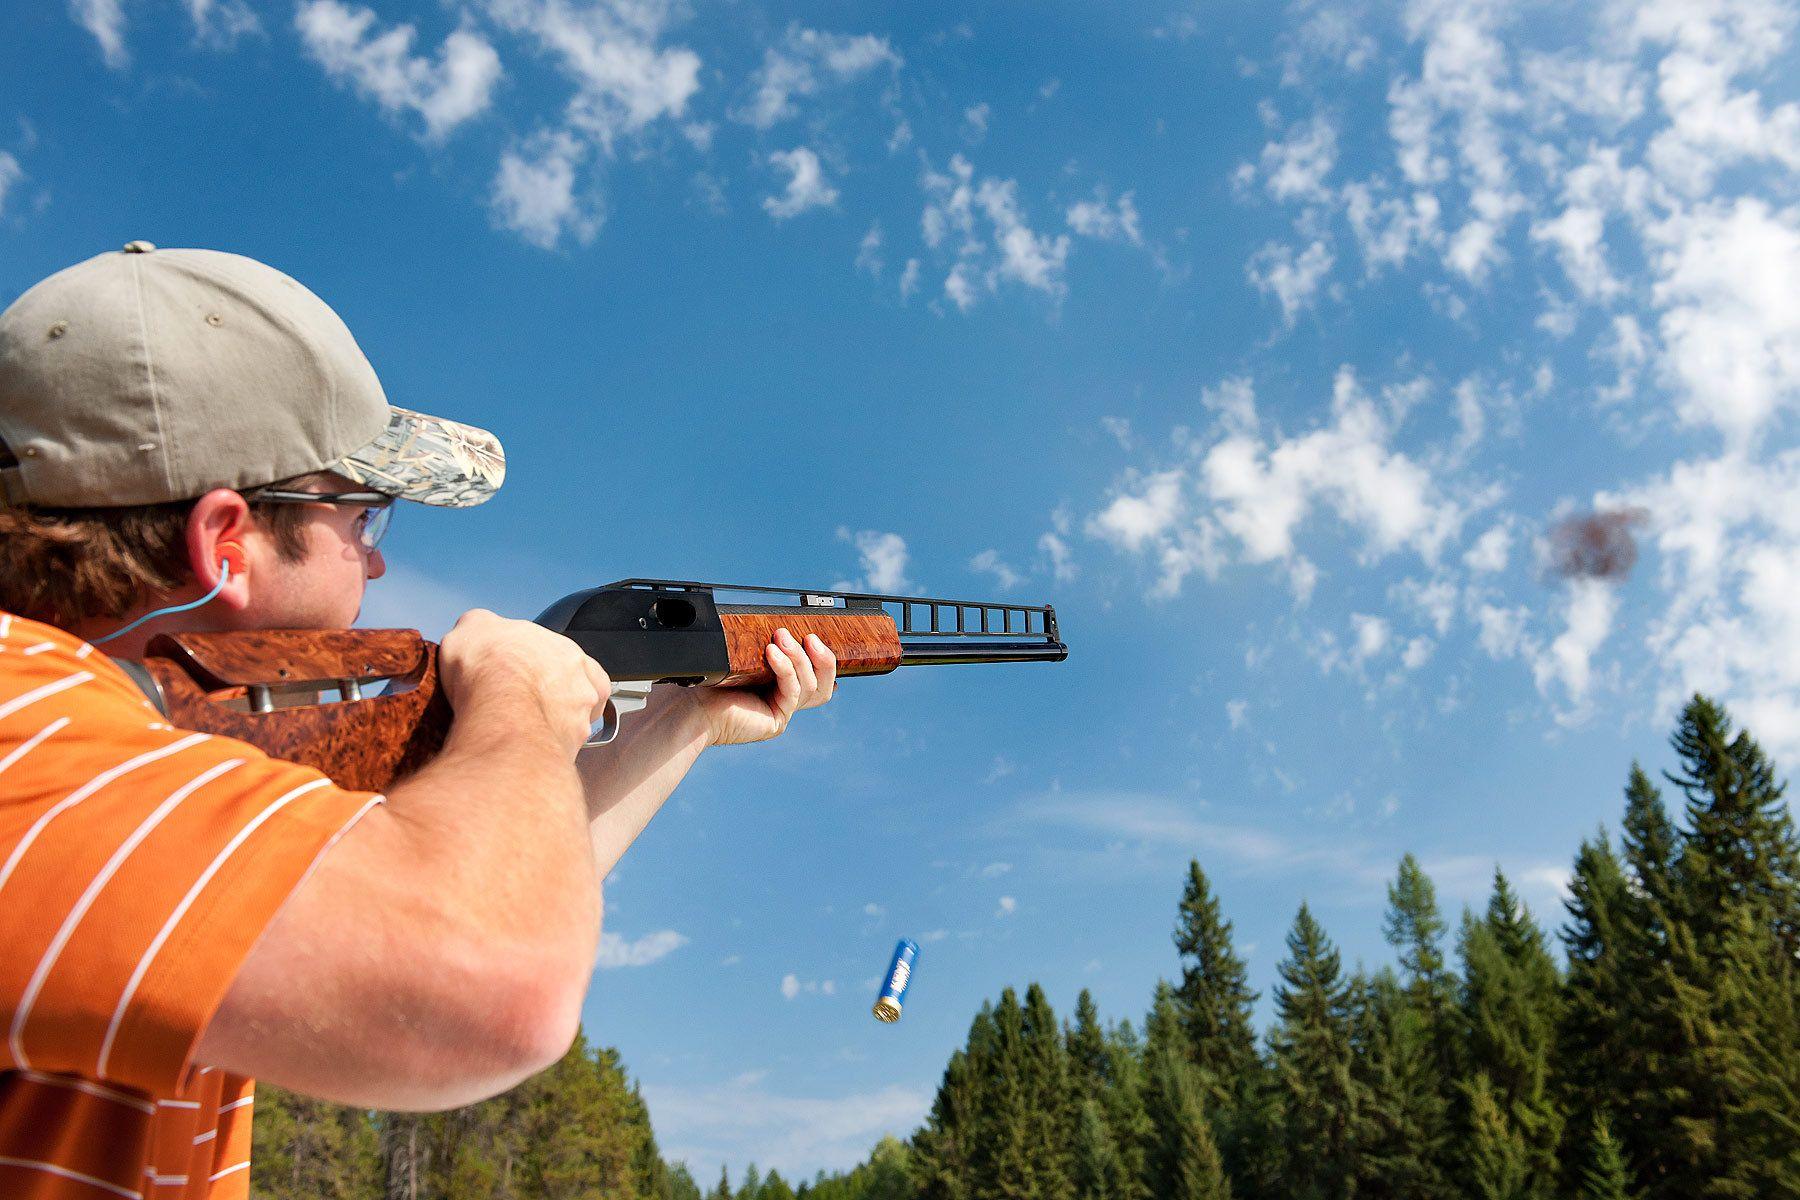 Skeet shooting with Butler Arms shotgun